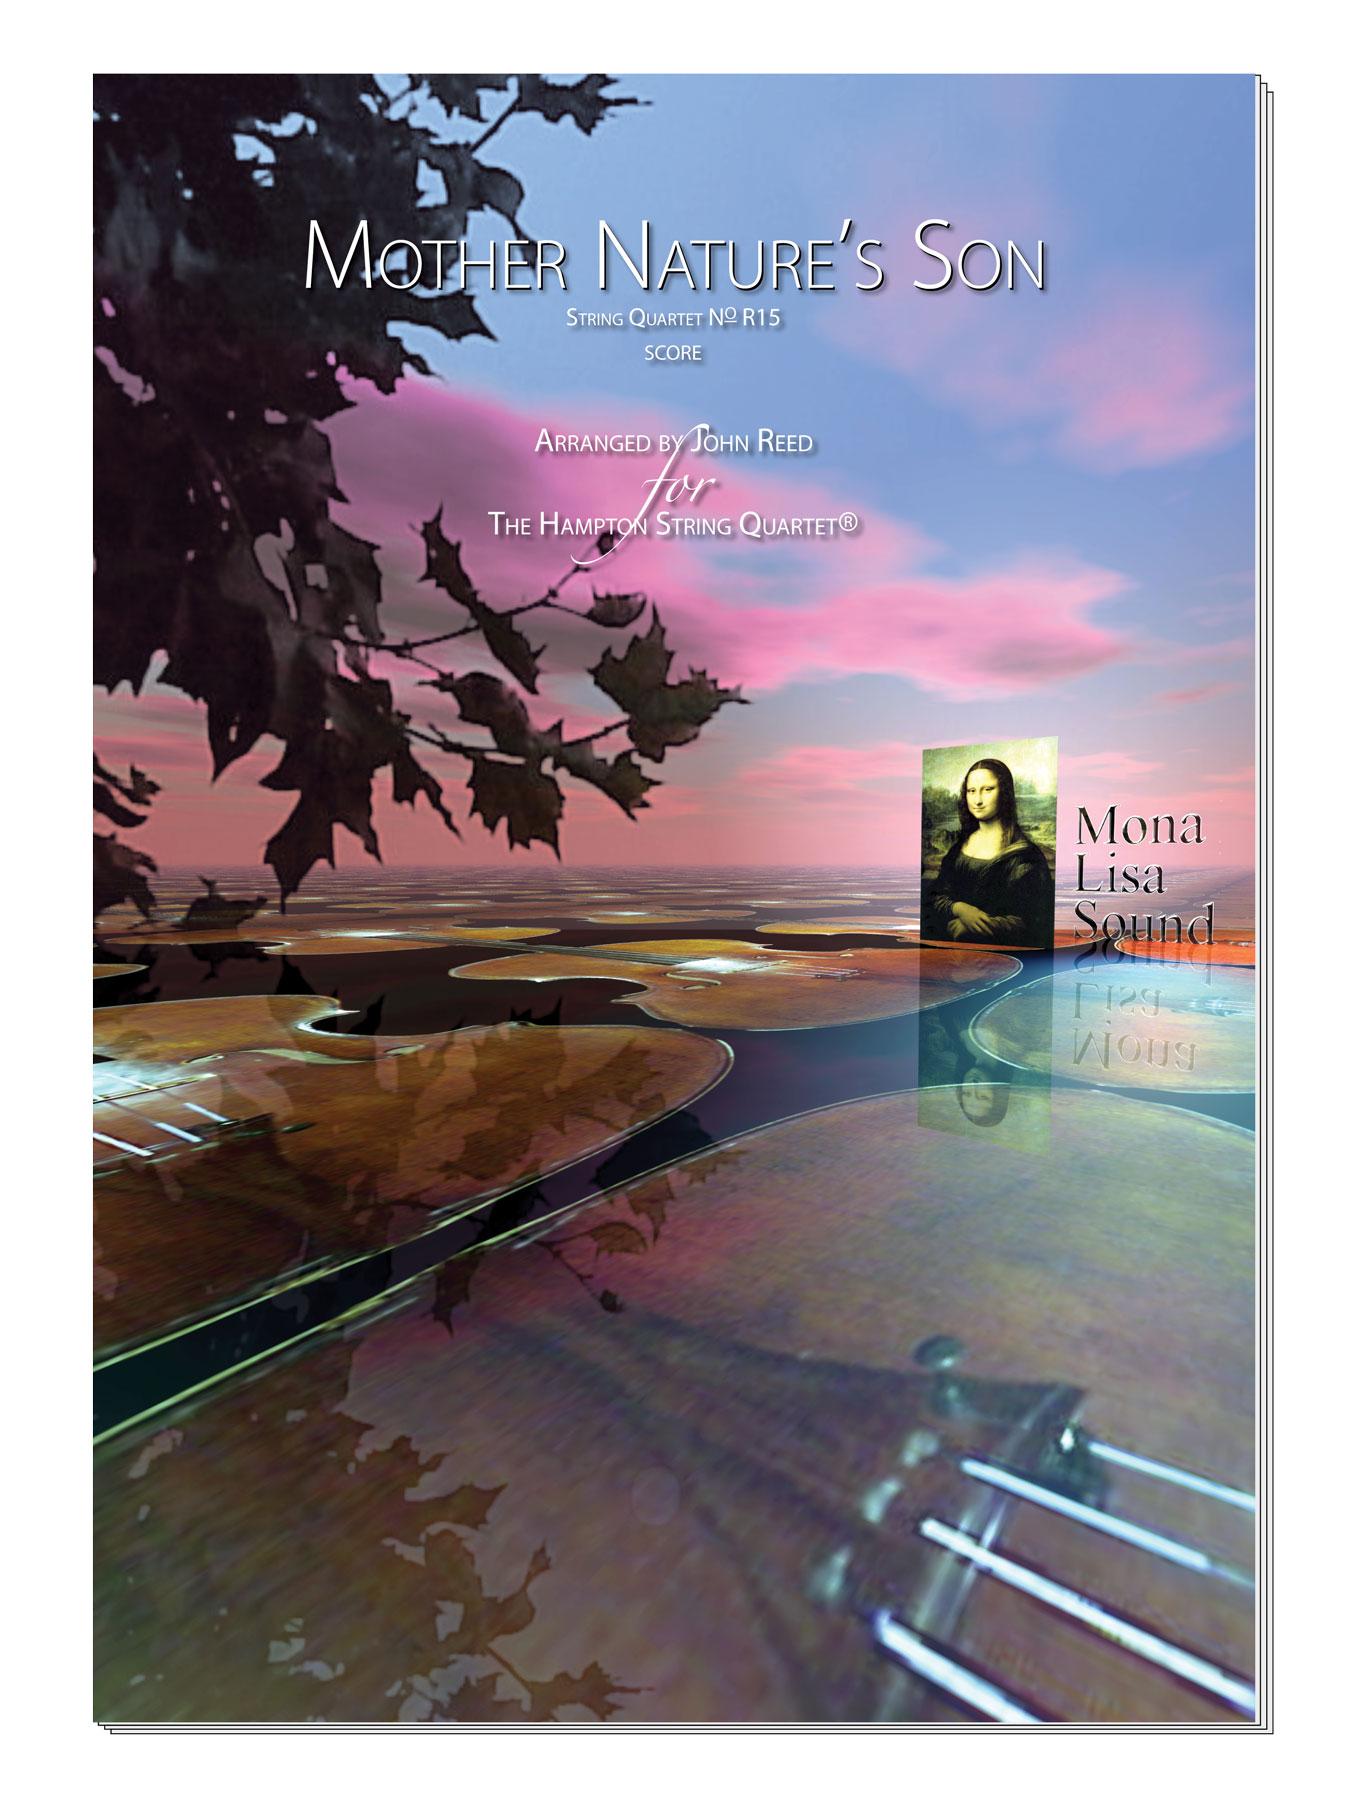 MotherNature'sSon.jpg